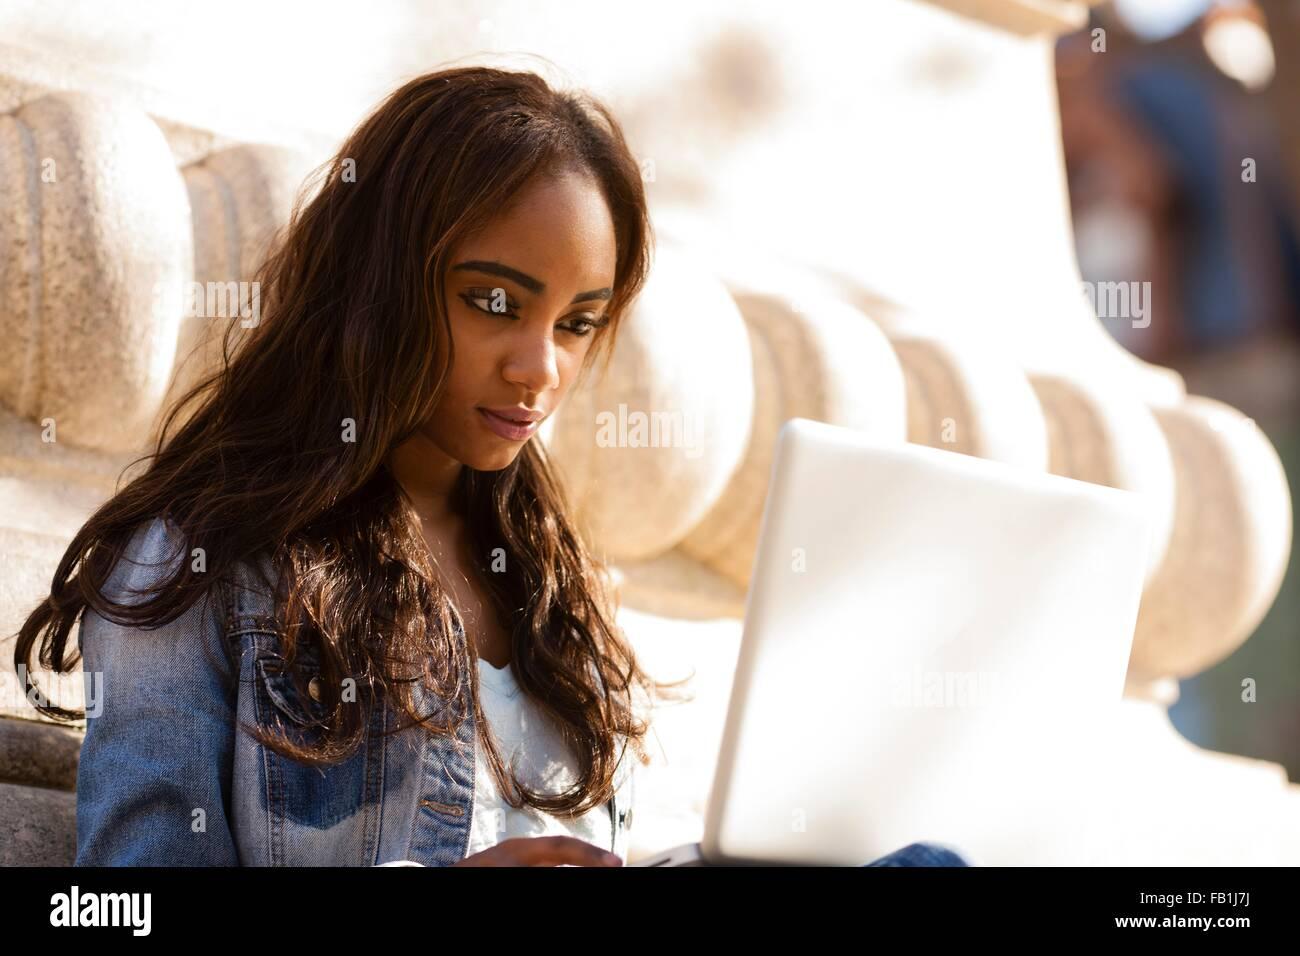 Giovane donna seduta appoggiata contro la scultura in pietra guardando verso il basso utilizzando il computer portatile Immagini Stock